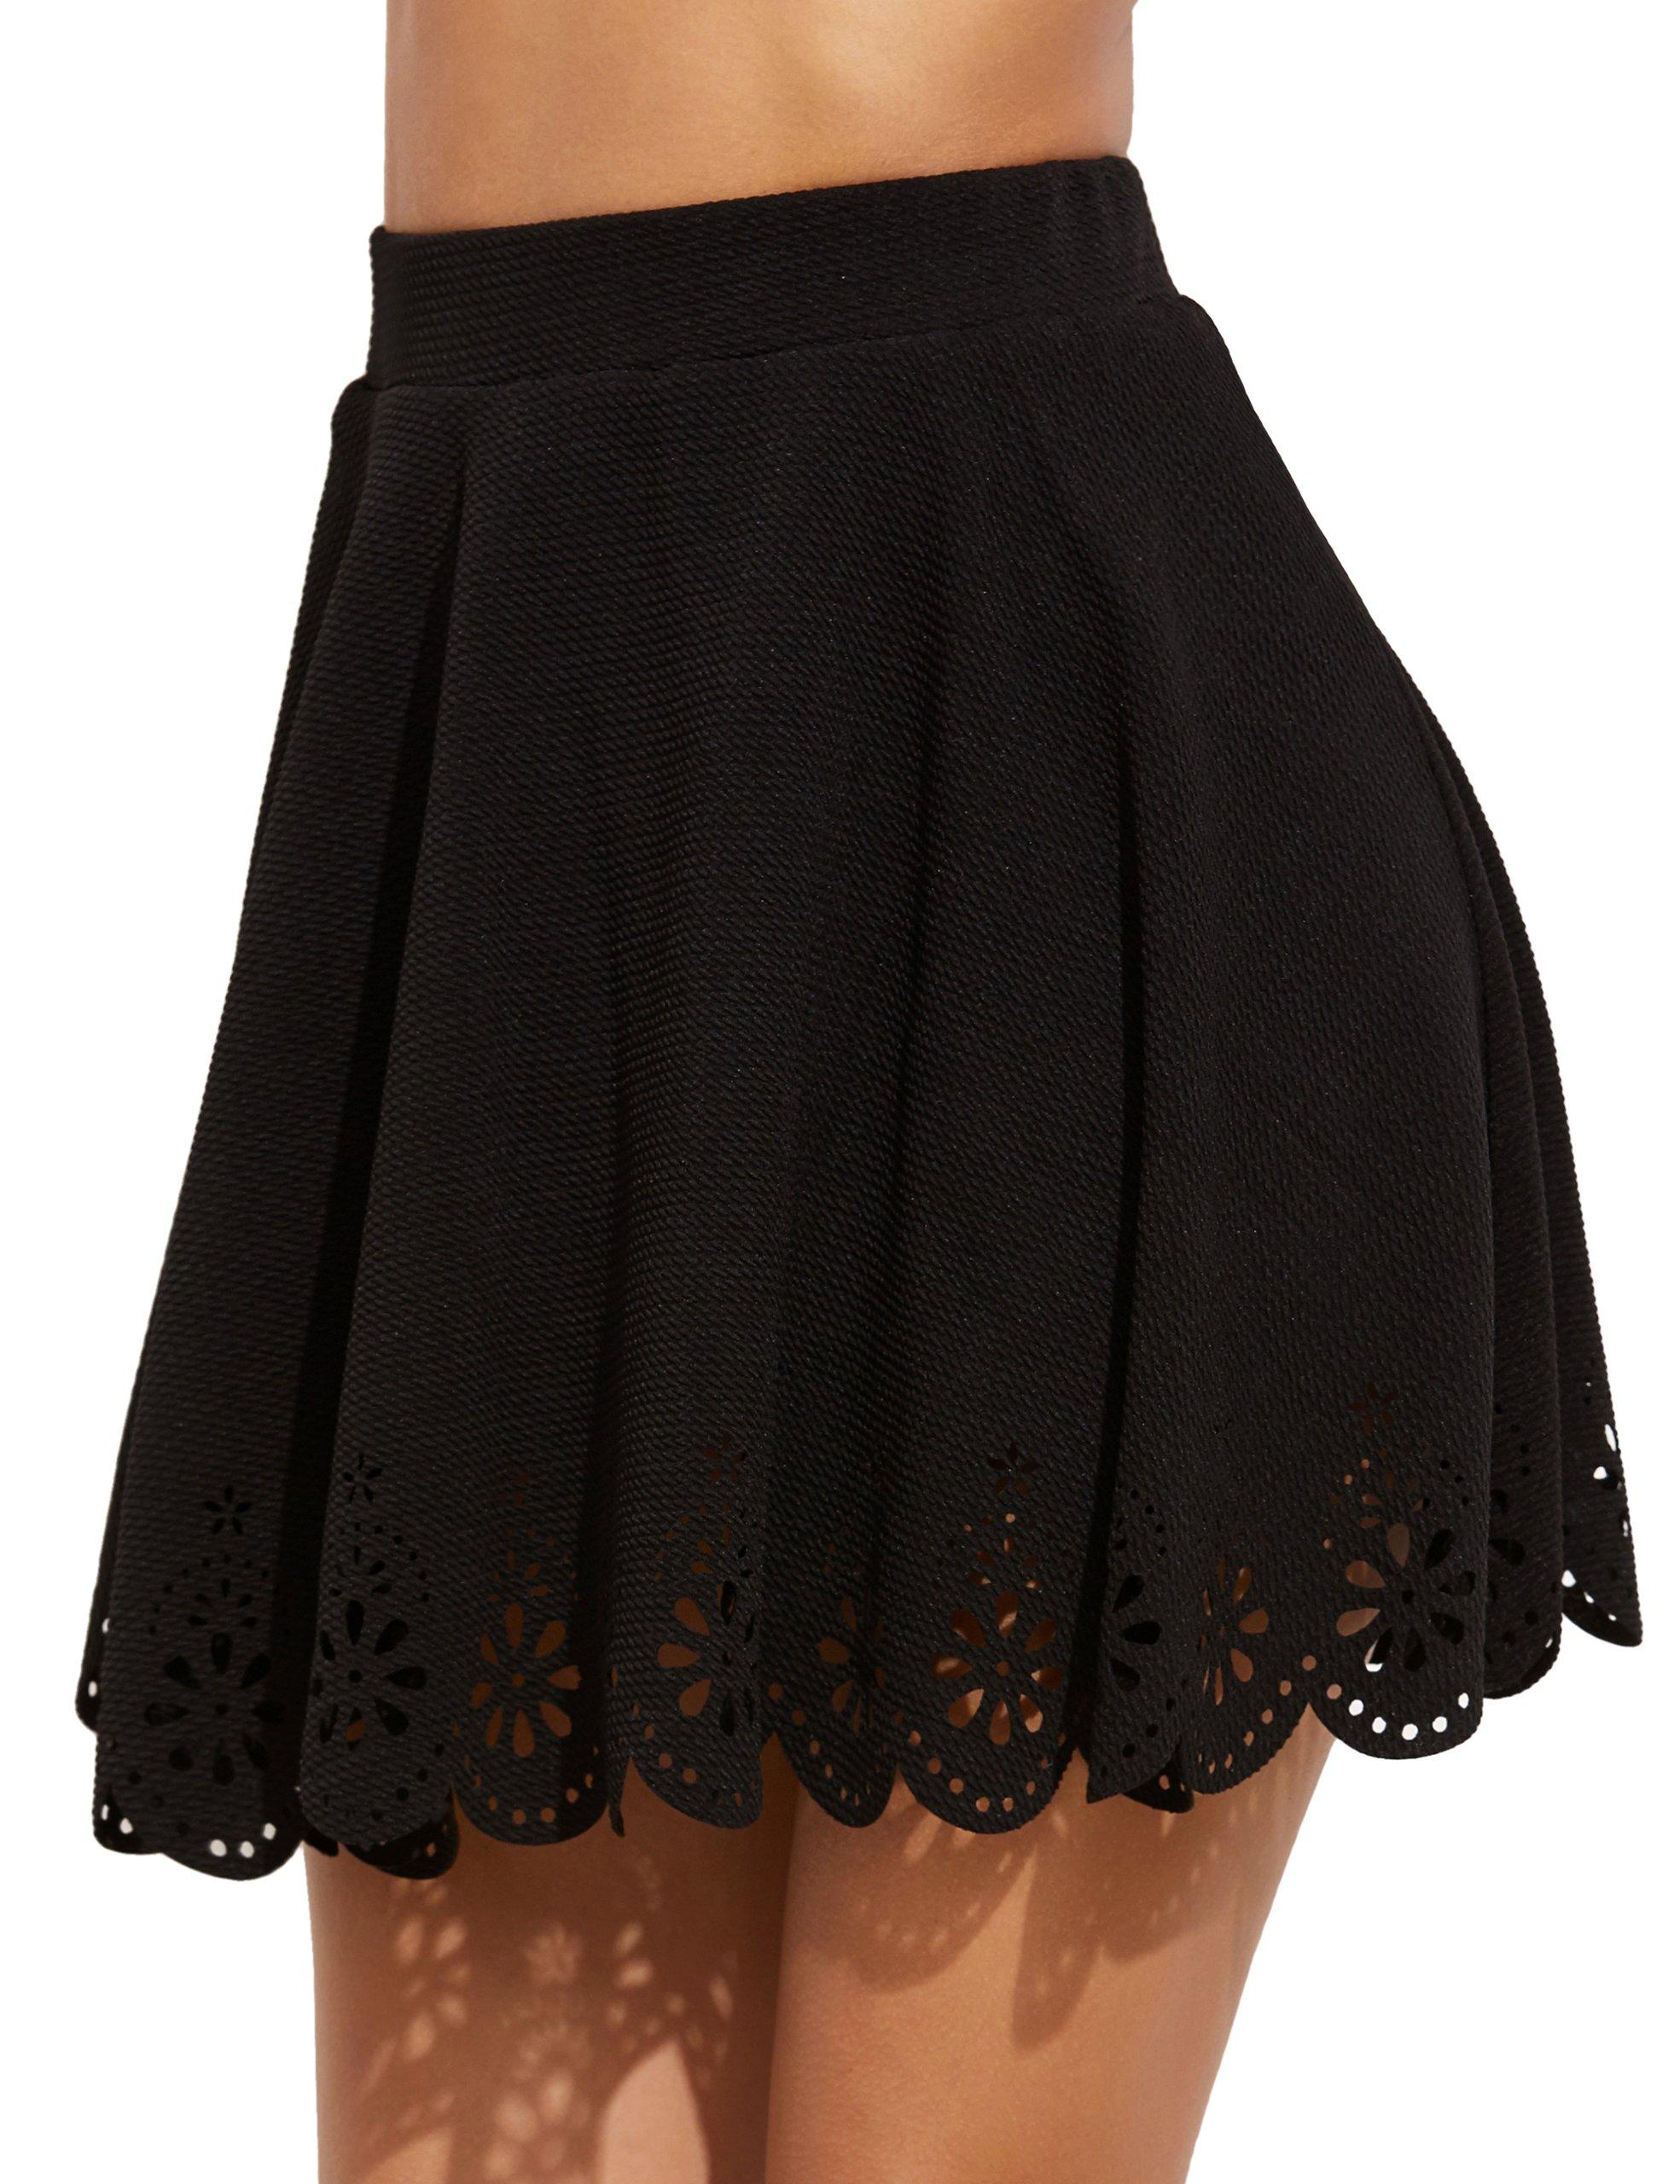 SheIn Women's Basic Solid Flared Mini Skater Skirt 3X-Large Black